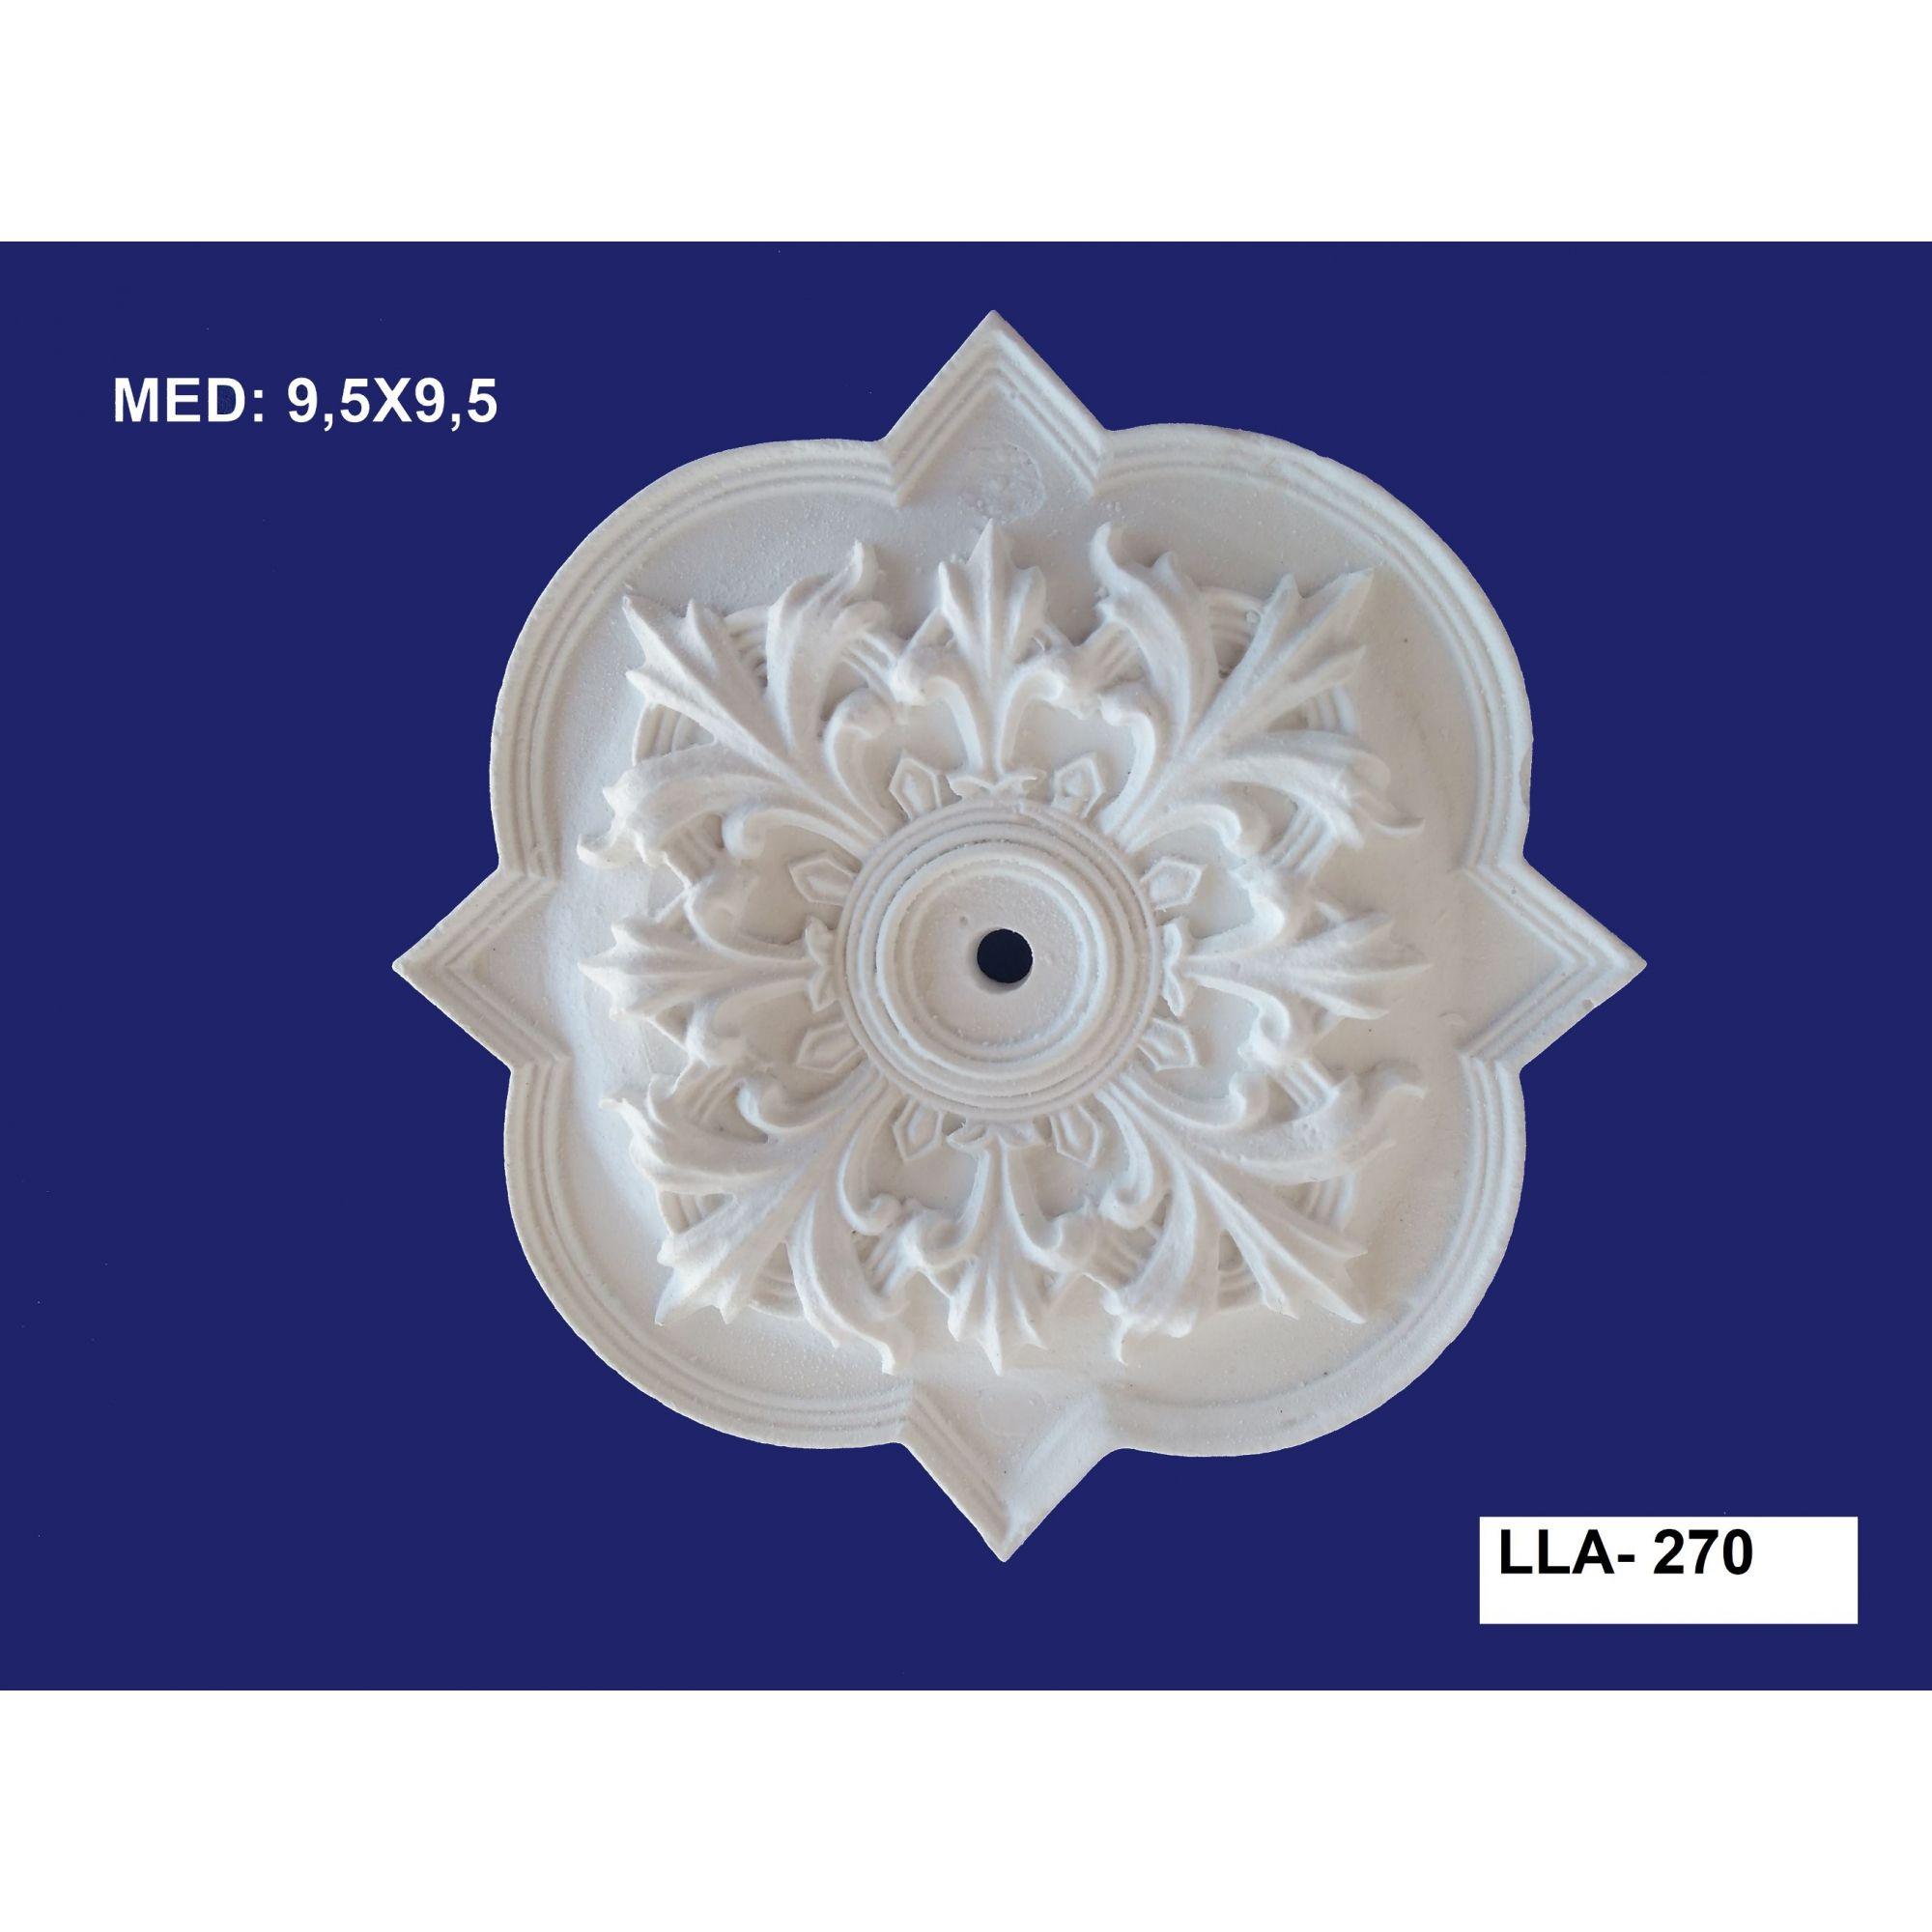 APLIQUE LLA-270 9,5X9,5CM